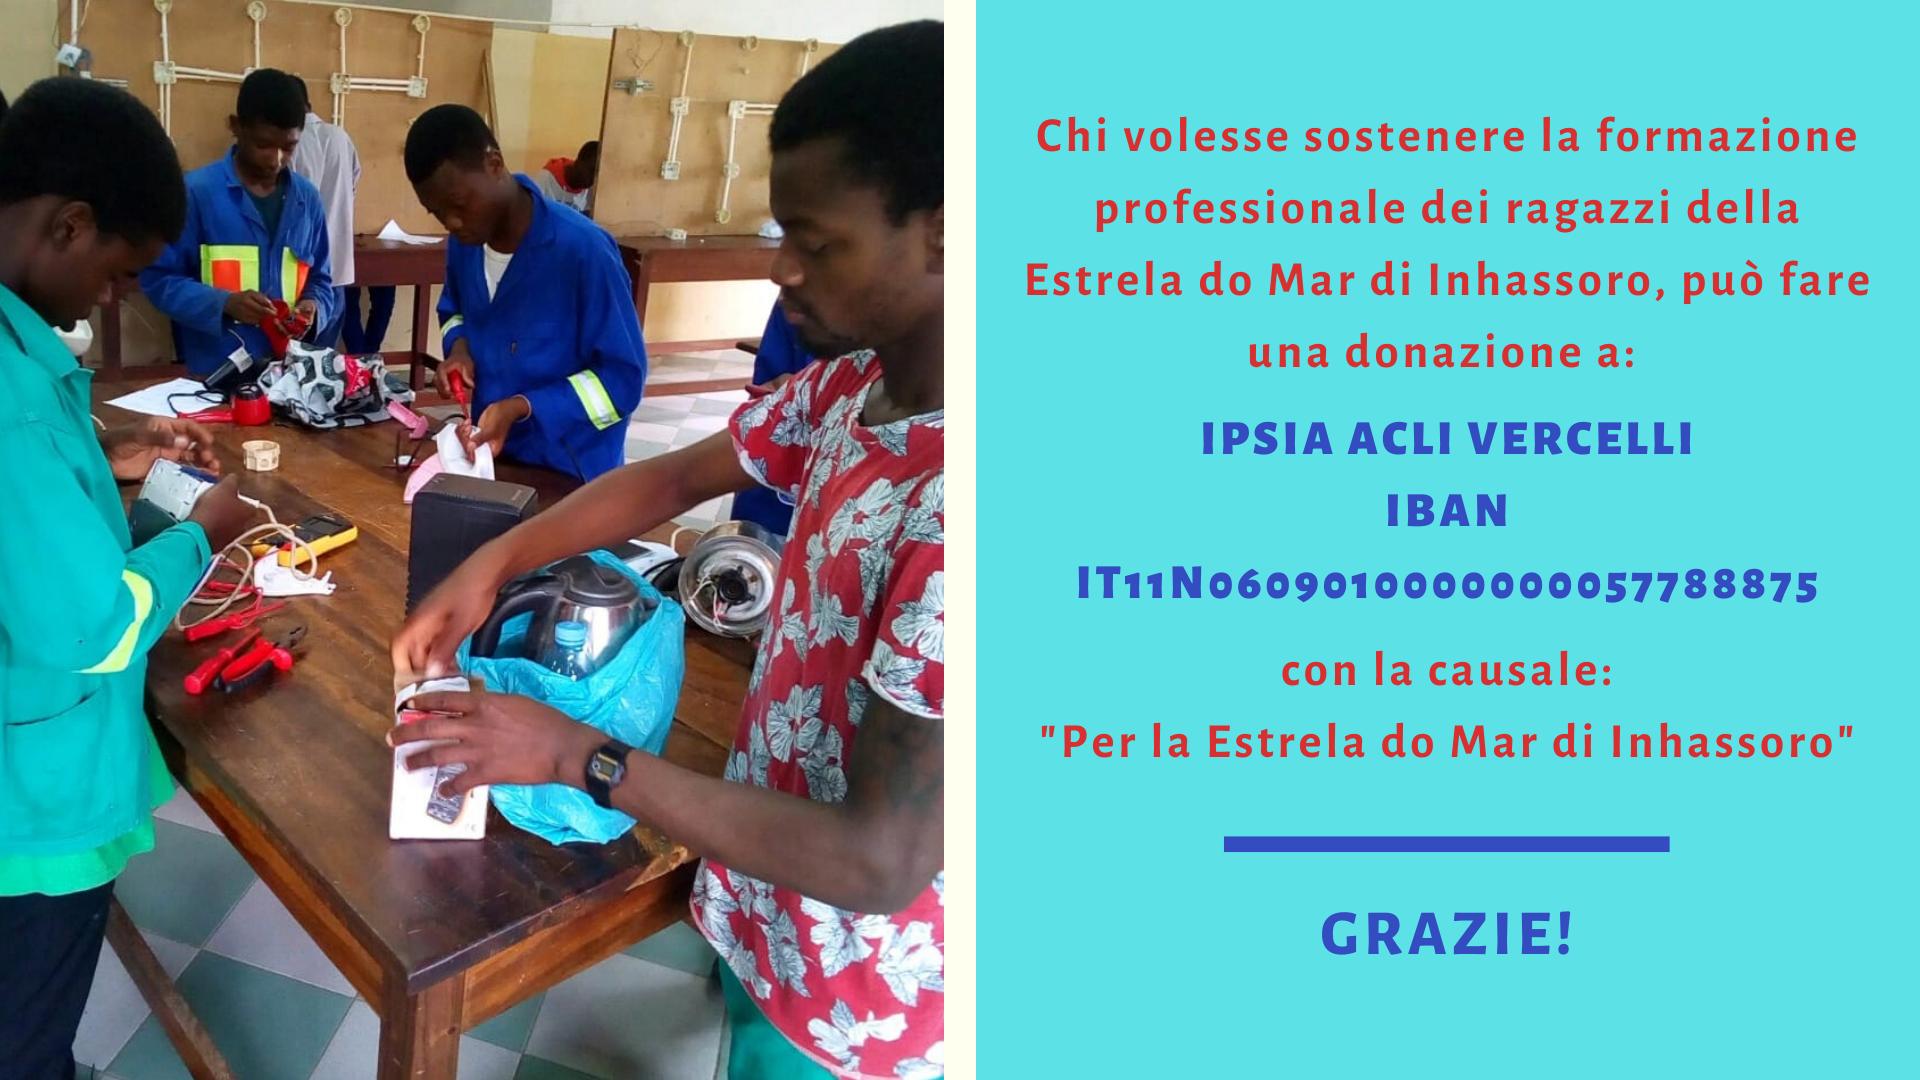 Escola Estrela do Mar: non solo luogo di apprendimento ma anche laboratorio per fare cose utili per la comunità